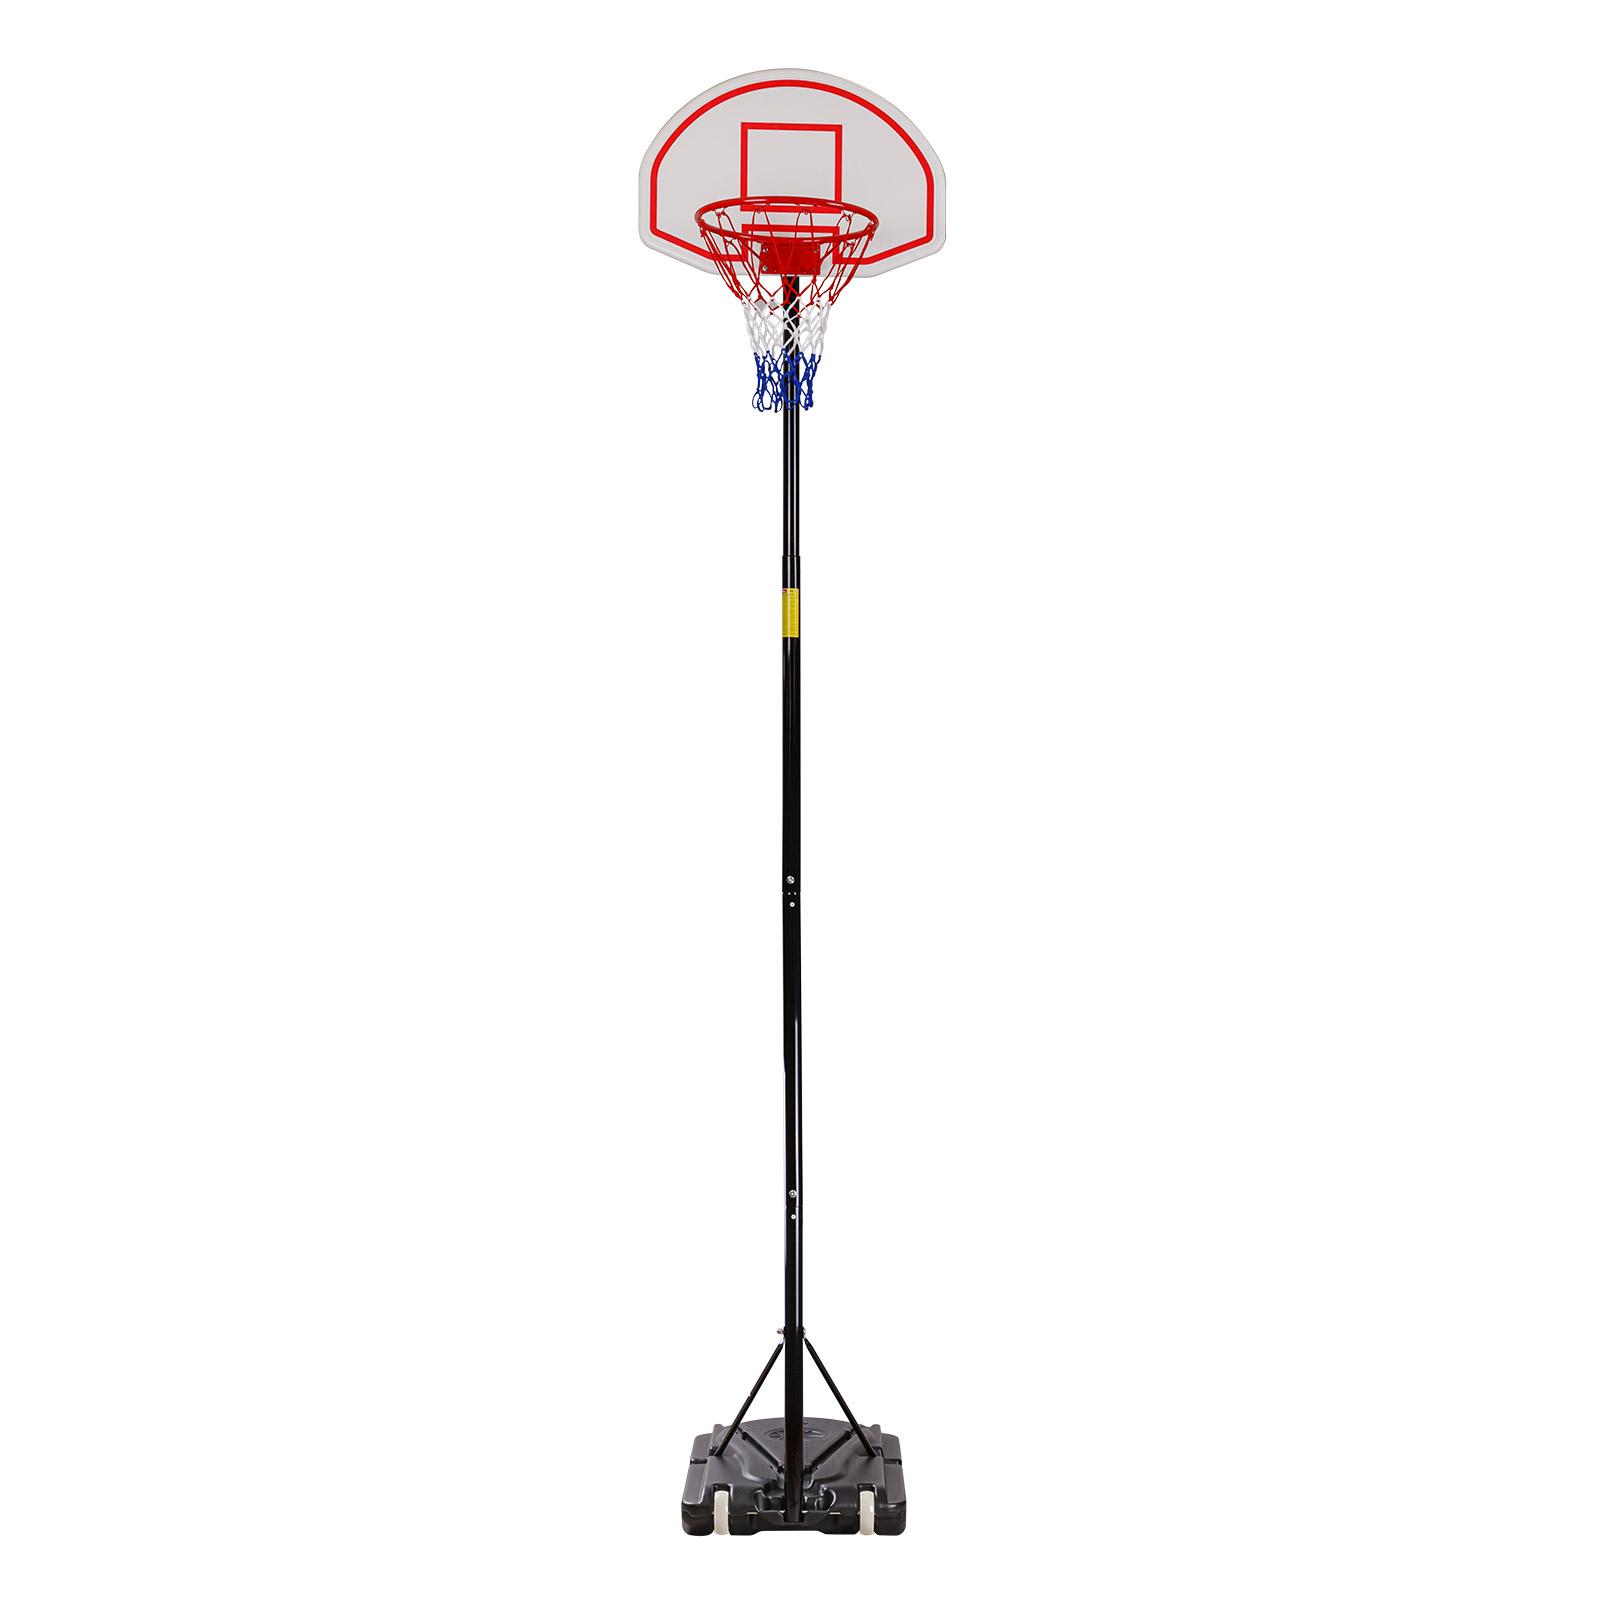 Dema Basketballständer Basketballkorb mit Ständer mobil Action 305 70096